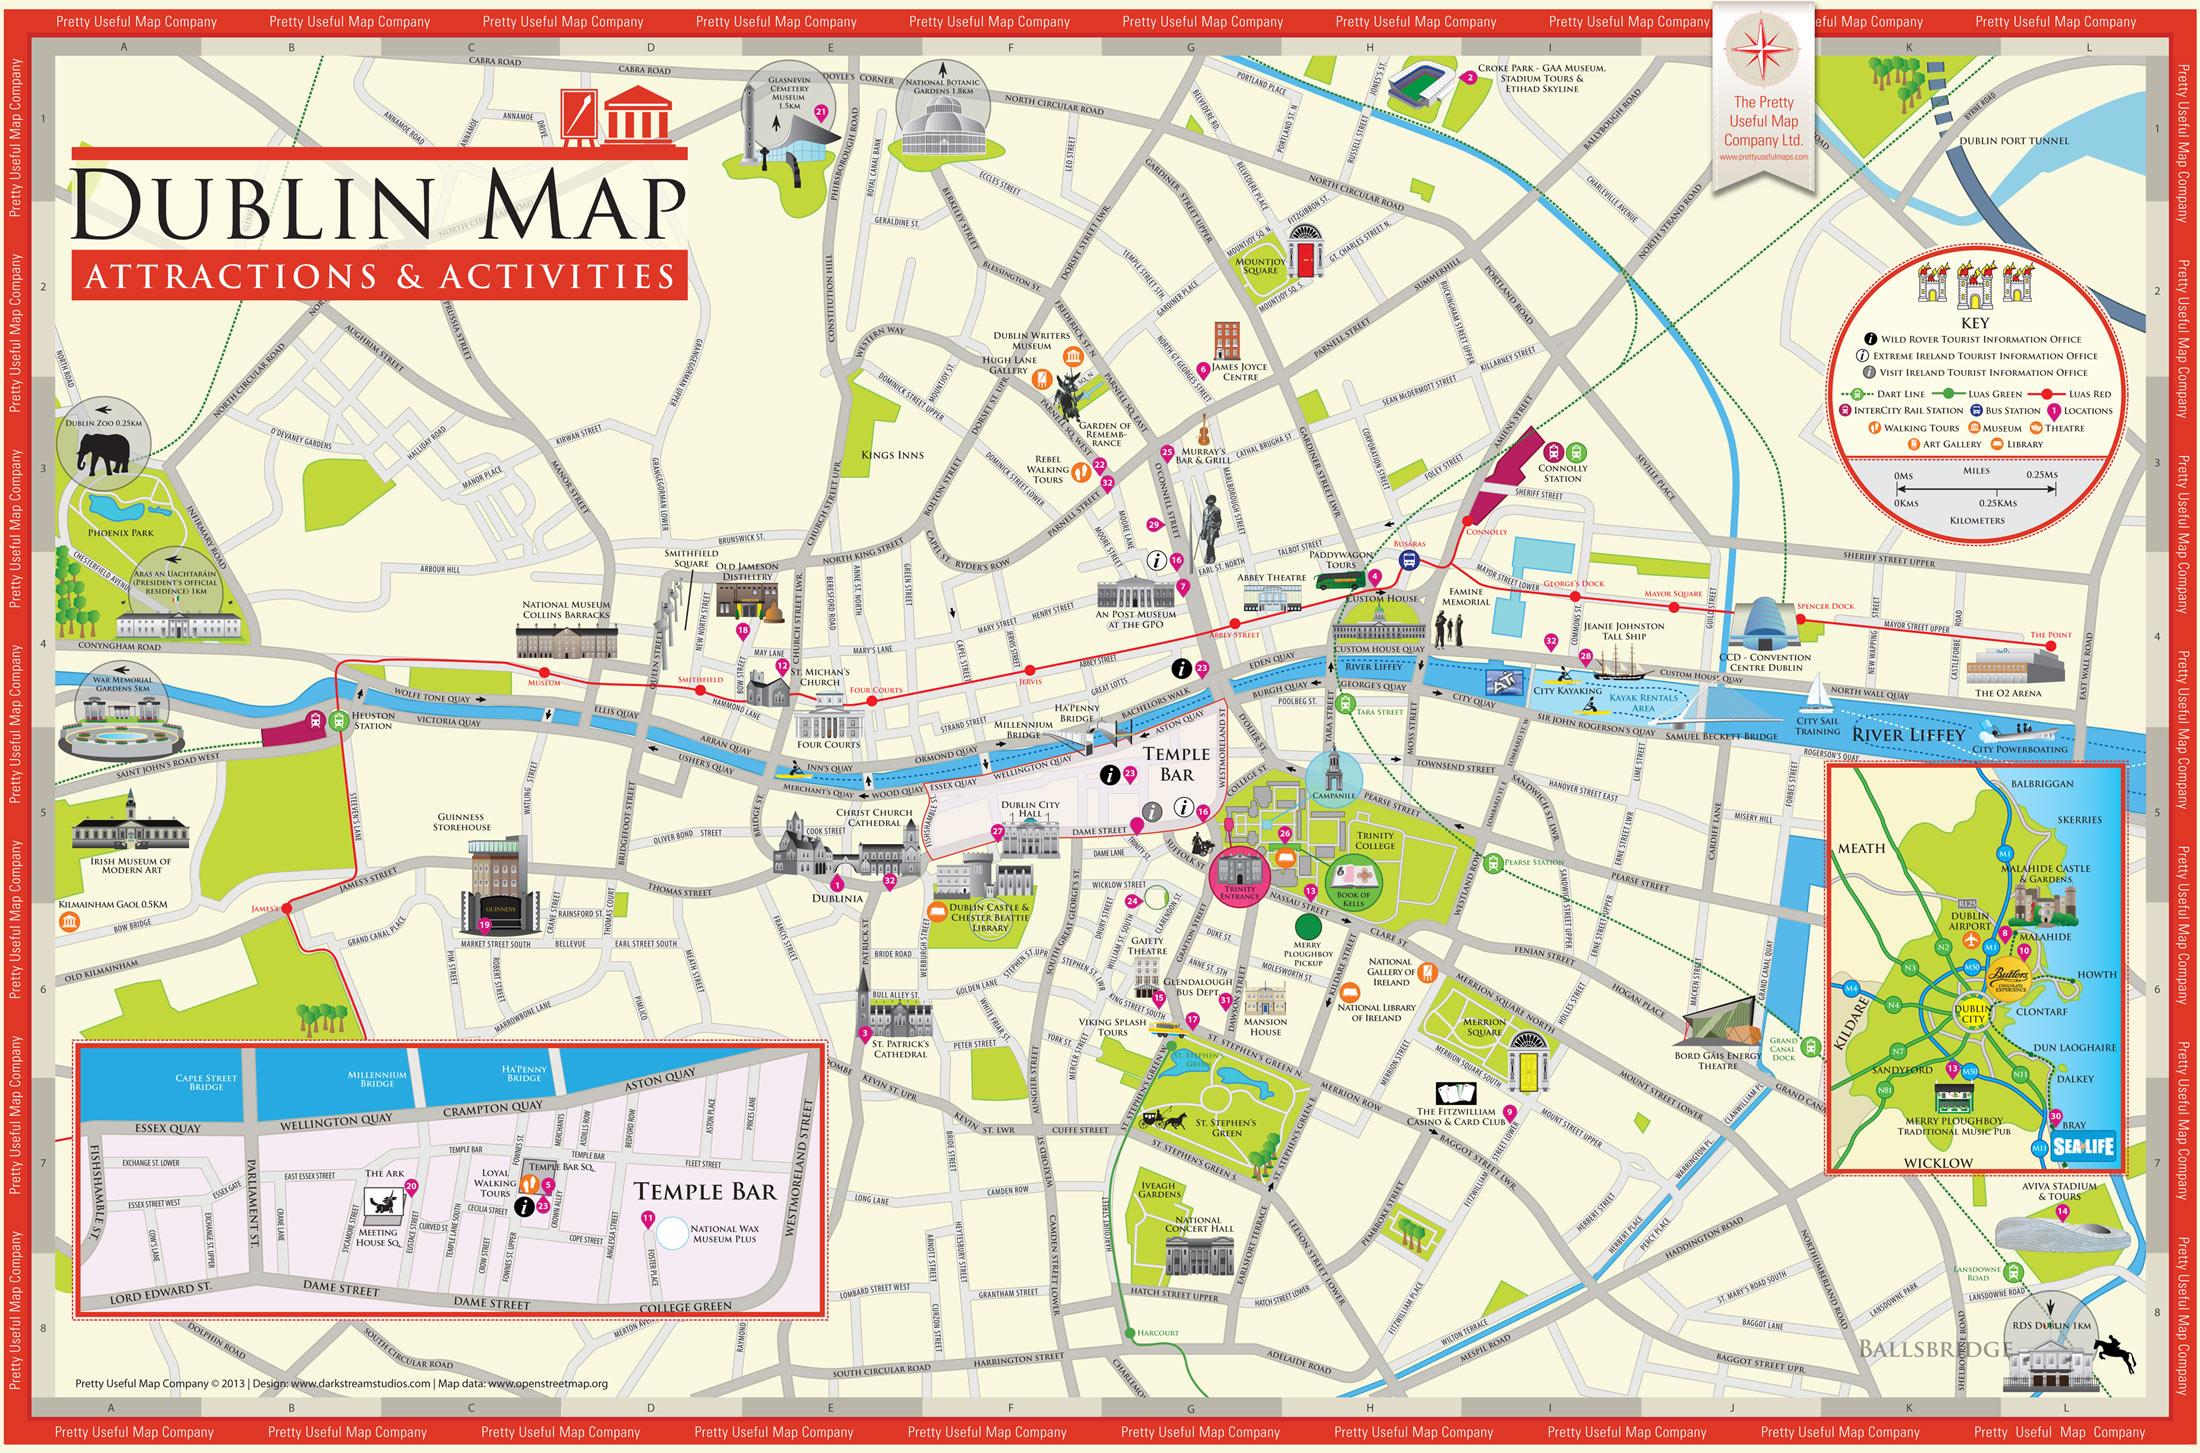 dublin mapa Mapas de Dublín | Mapa turístico de Dublín | dublin mapa